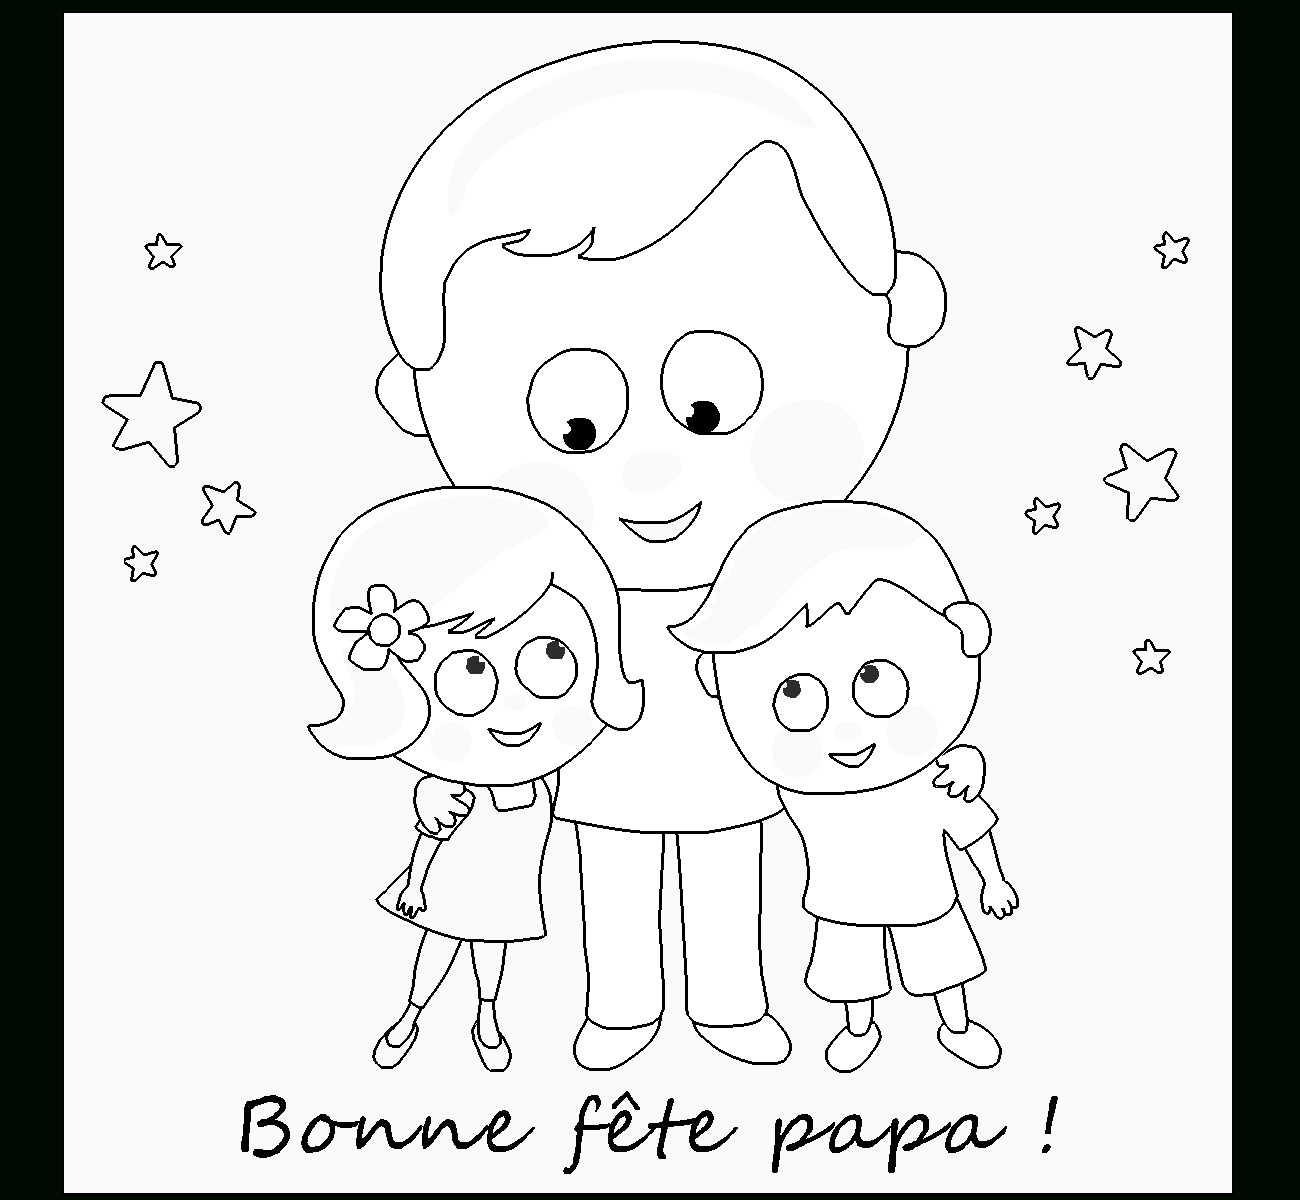 Meilleur De Coloriage Bonne Fete Papa A Imprimer Gratuit avec Bonne F?Te Papa ? Imprimer